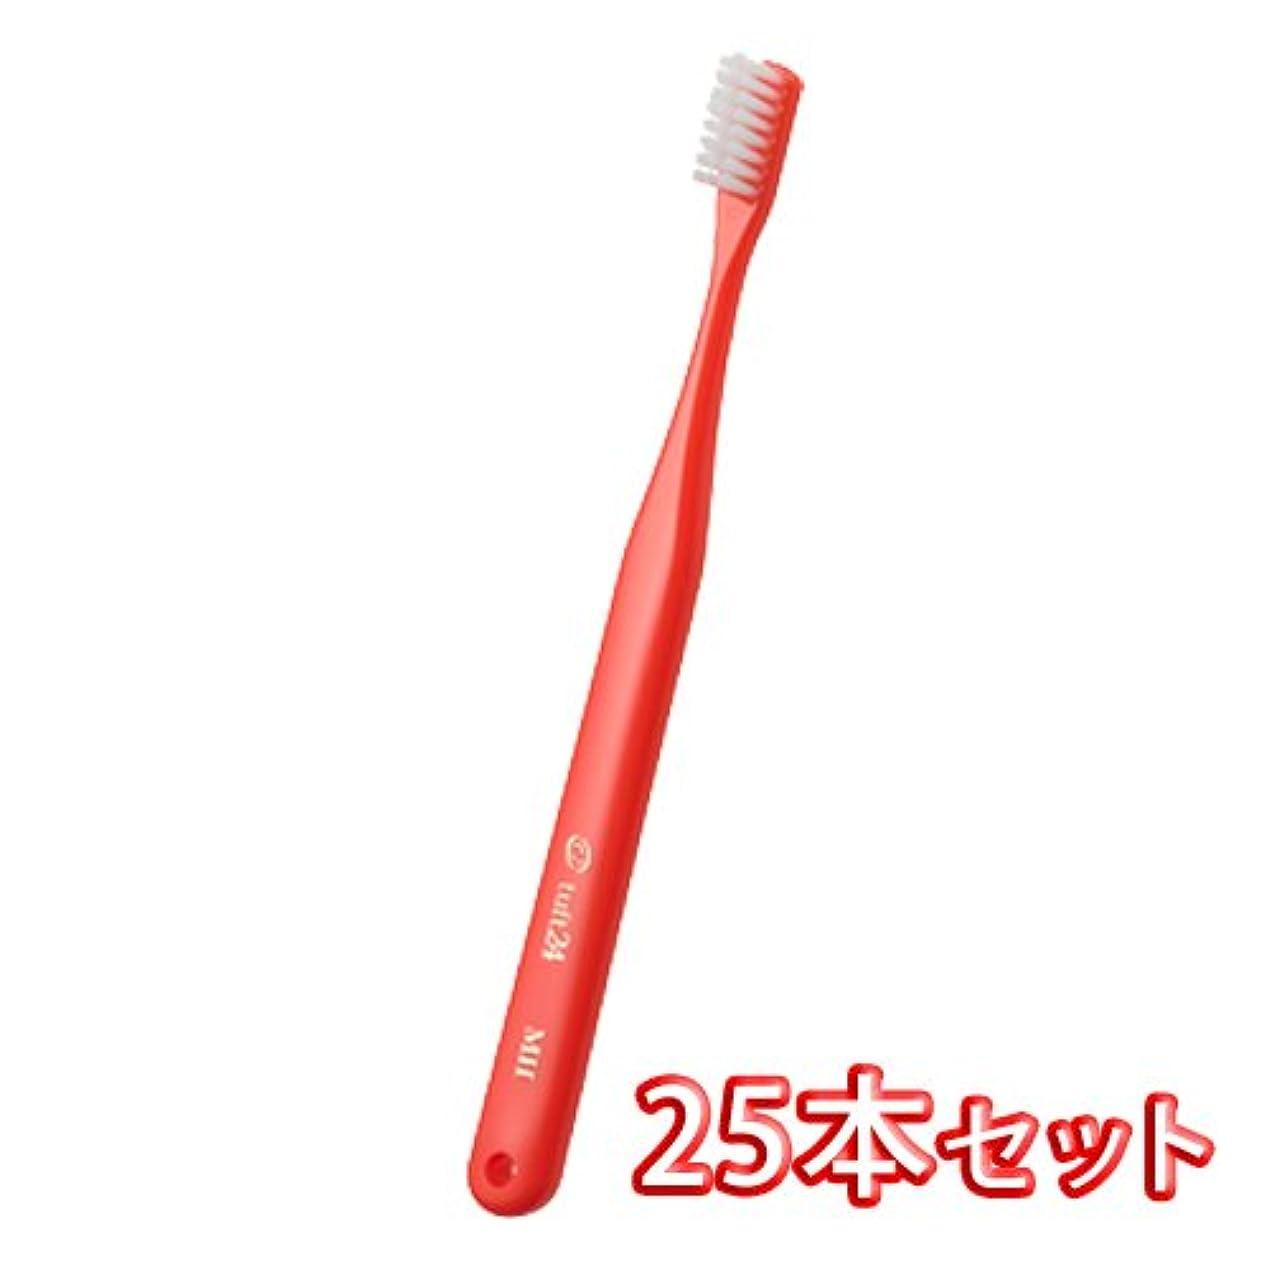 大きさコールド類似性オーラルケア キャップ付き タフト 24 歯ブラシ 25本入 ミディアムソフト MS (レッド)